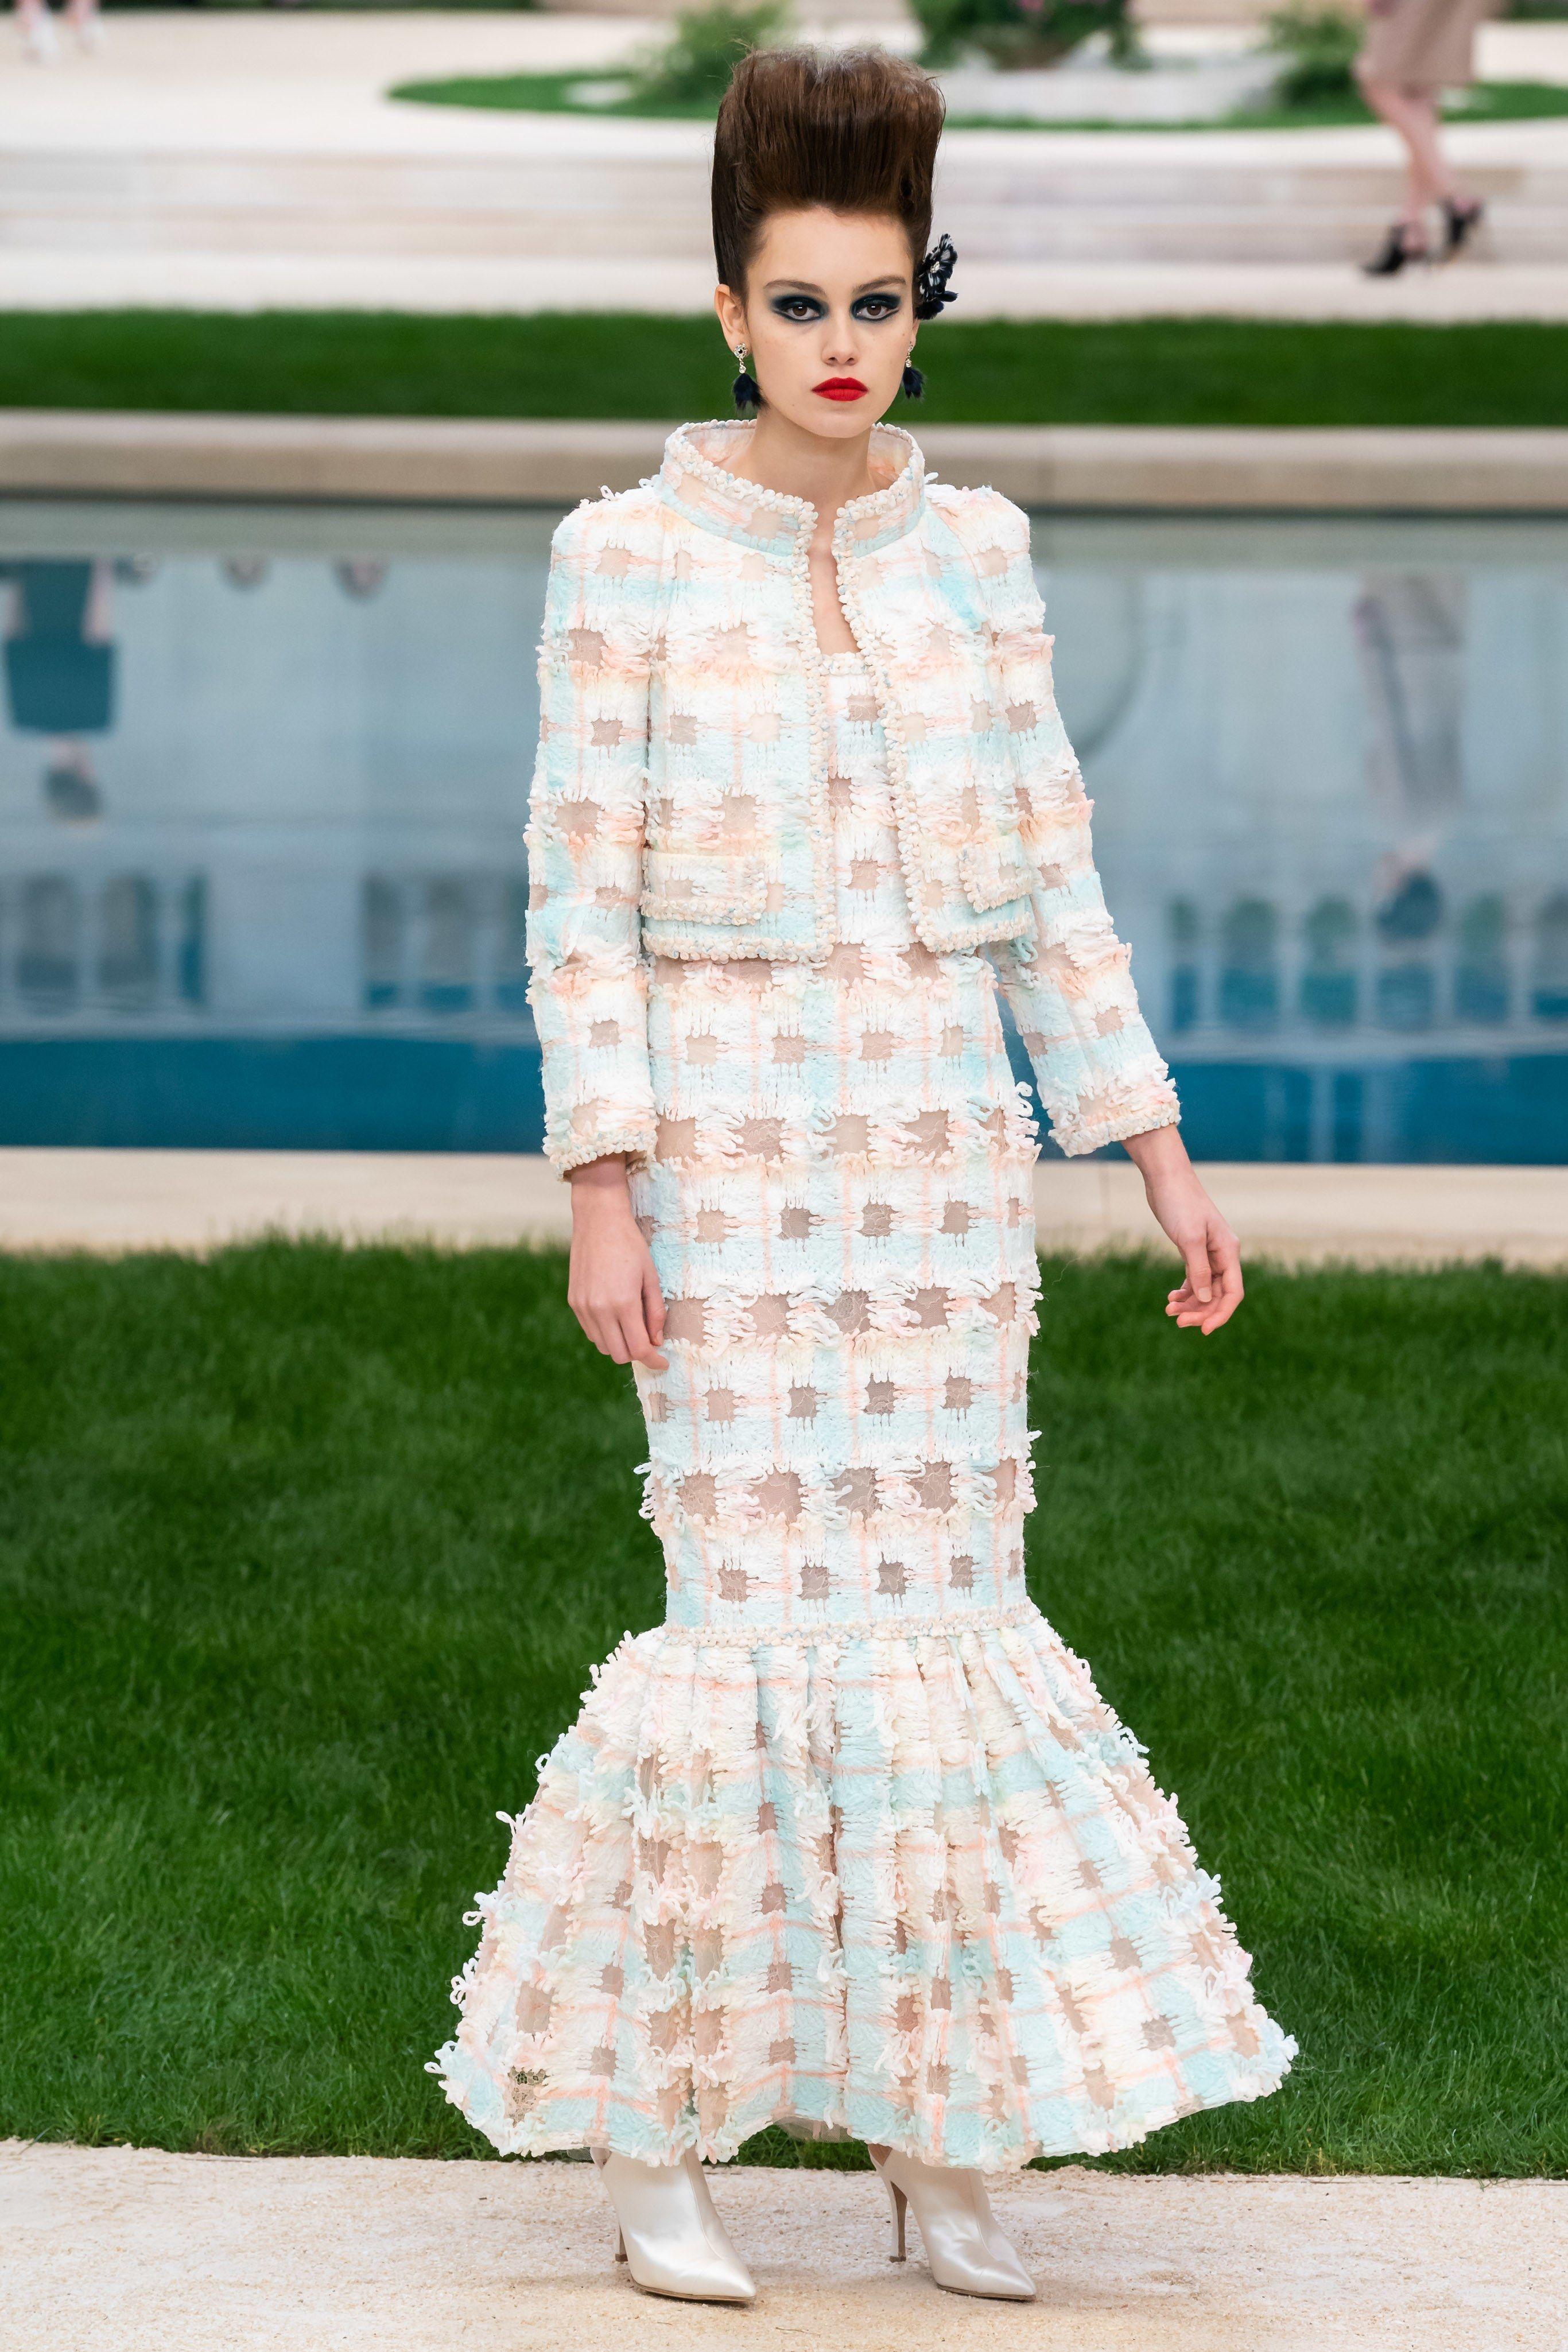 Chanel Pamerkan Busana Mewah A la Abad 18 Pada Koleksi Haute Couture